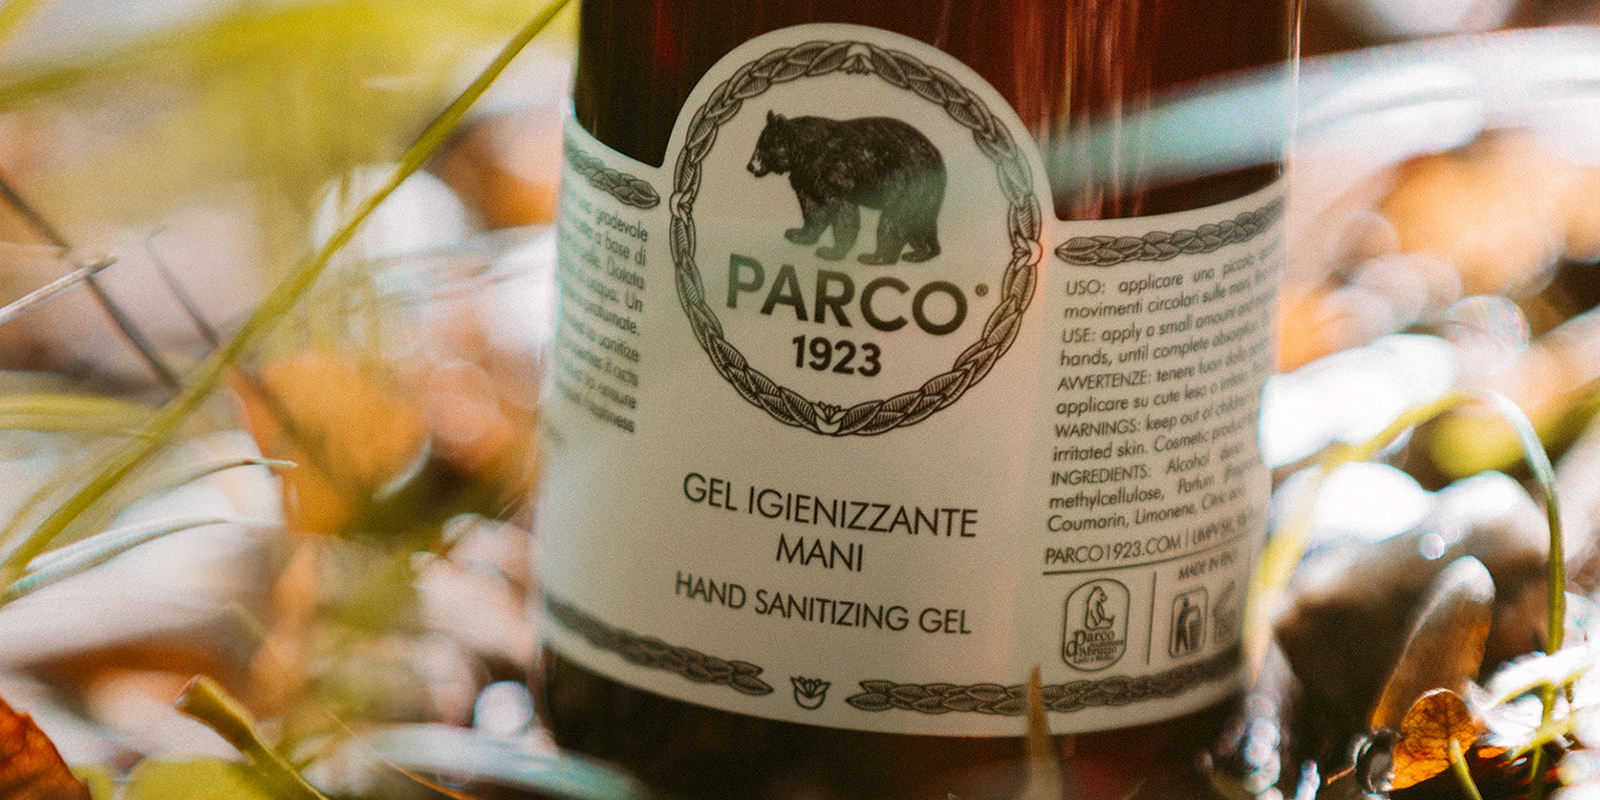 Gel igienizzante - Parco 1923 - home